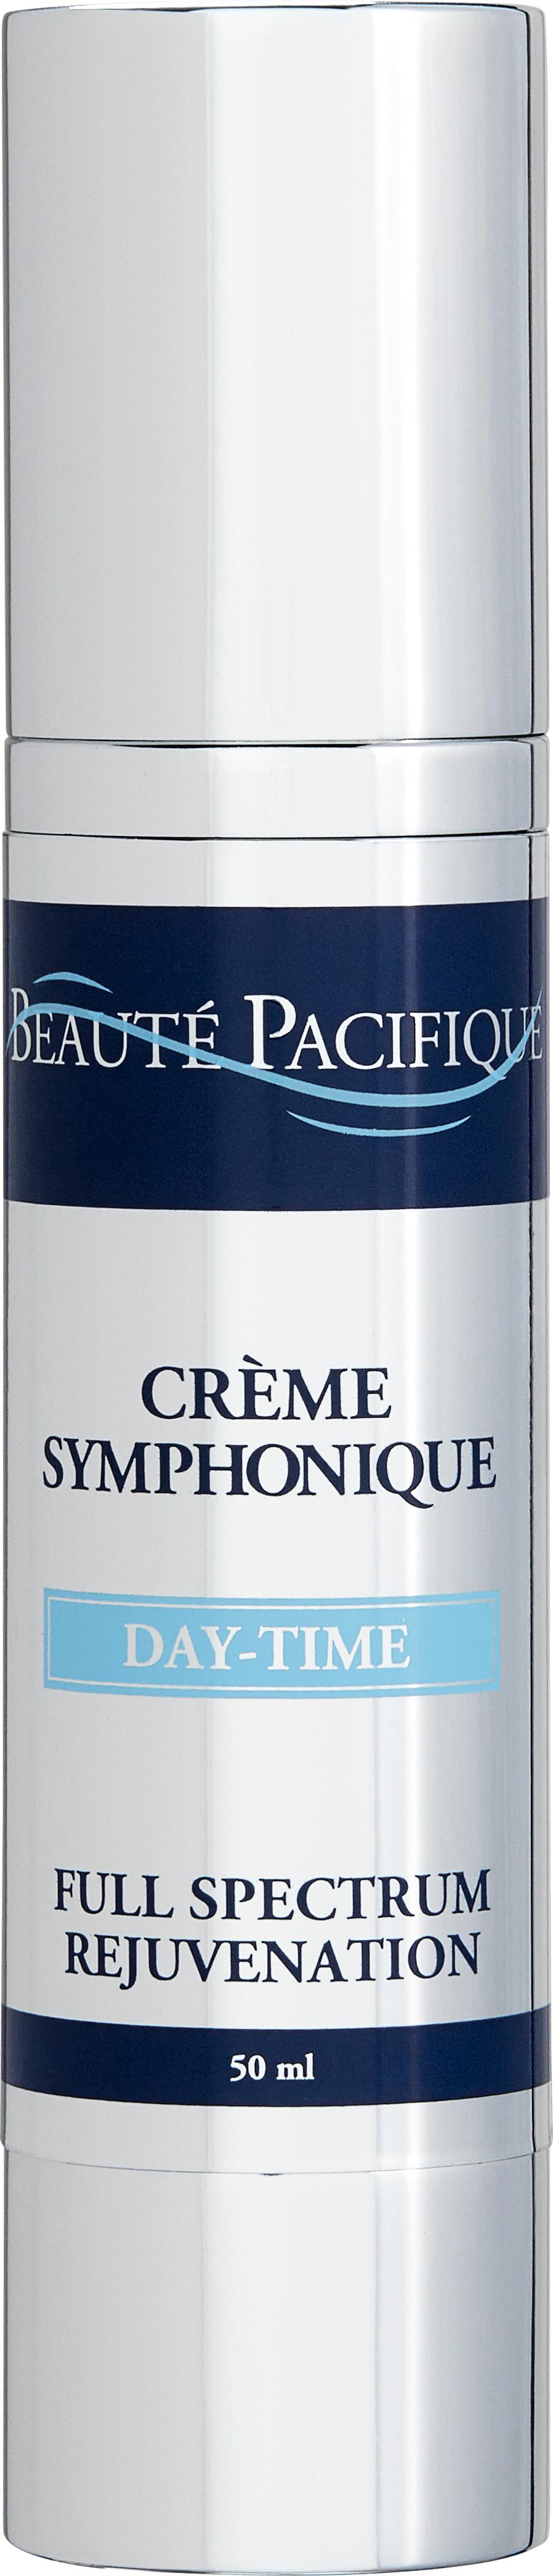 Beauté Pacifique Créme Symphonique Day-Time Full Spectrum, 50 ml